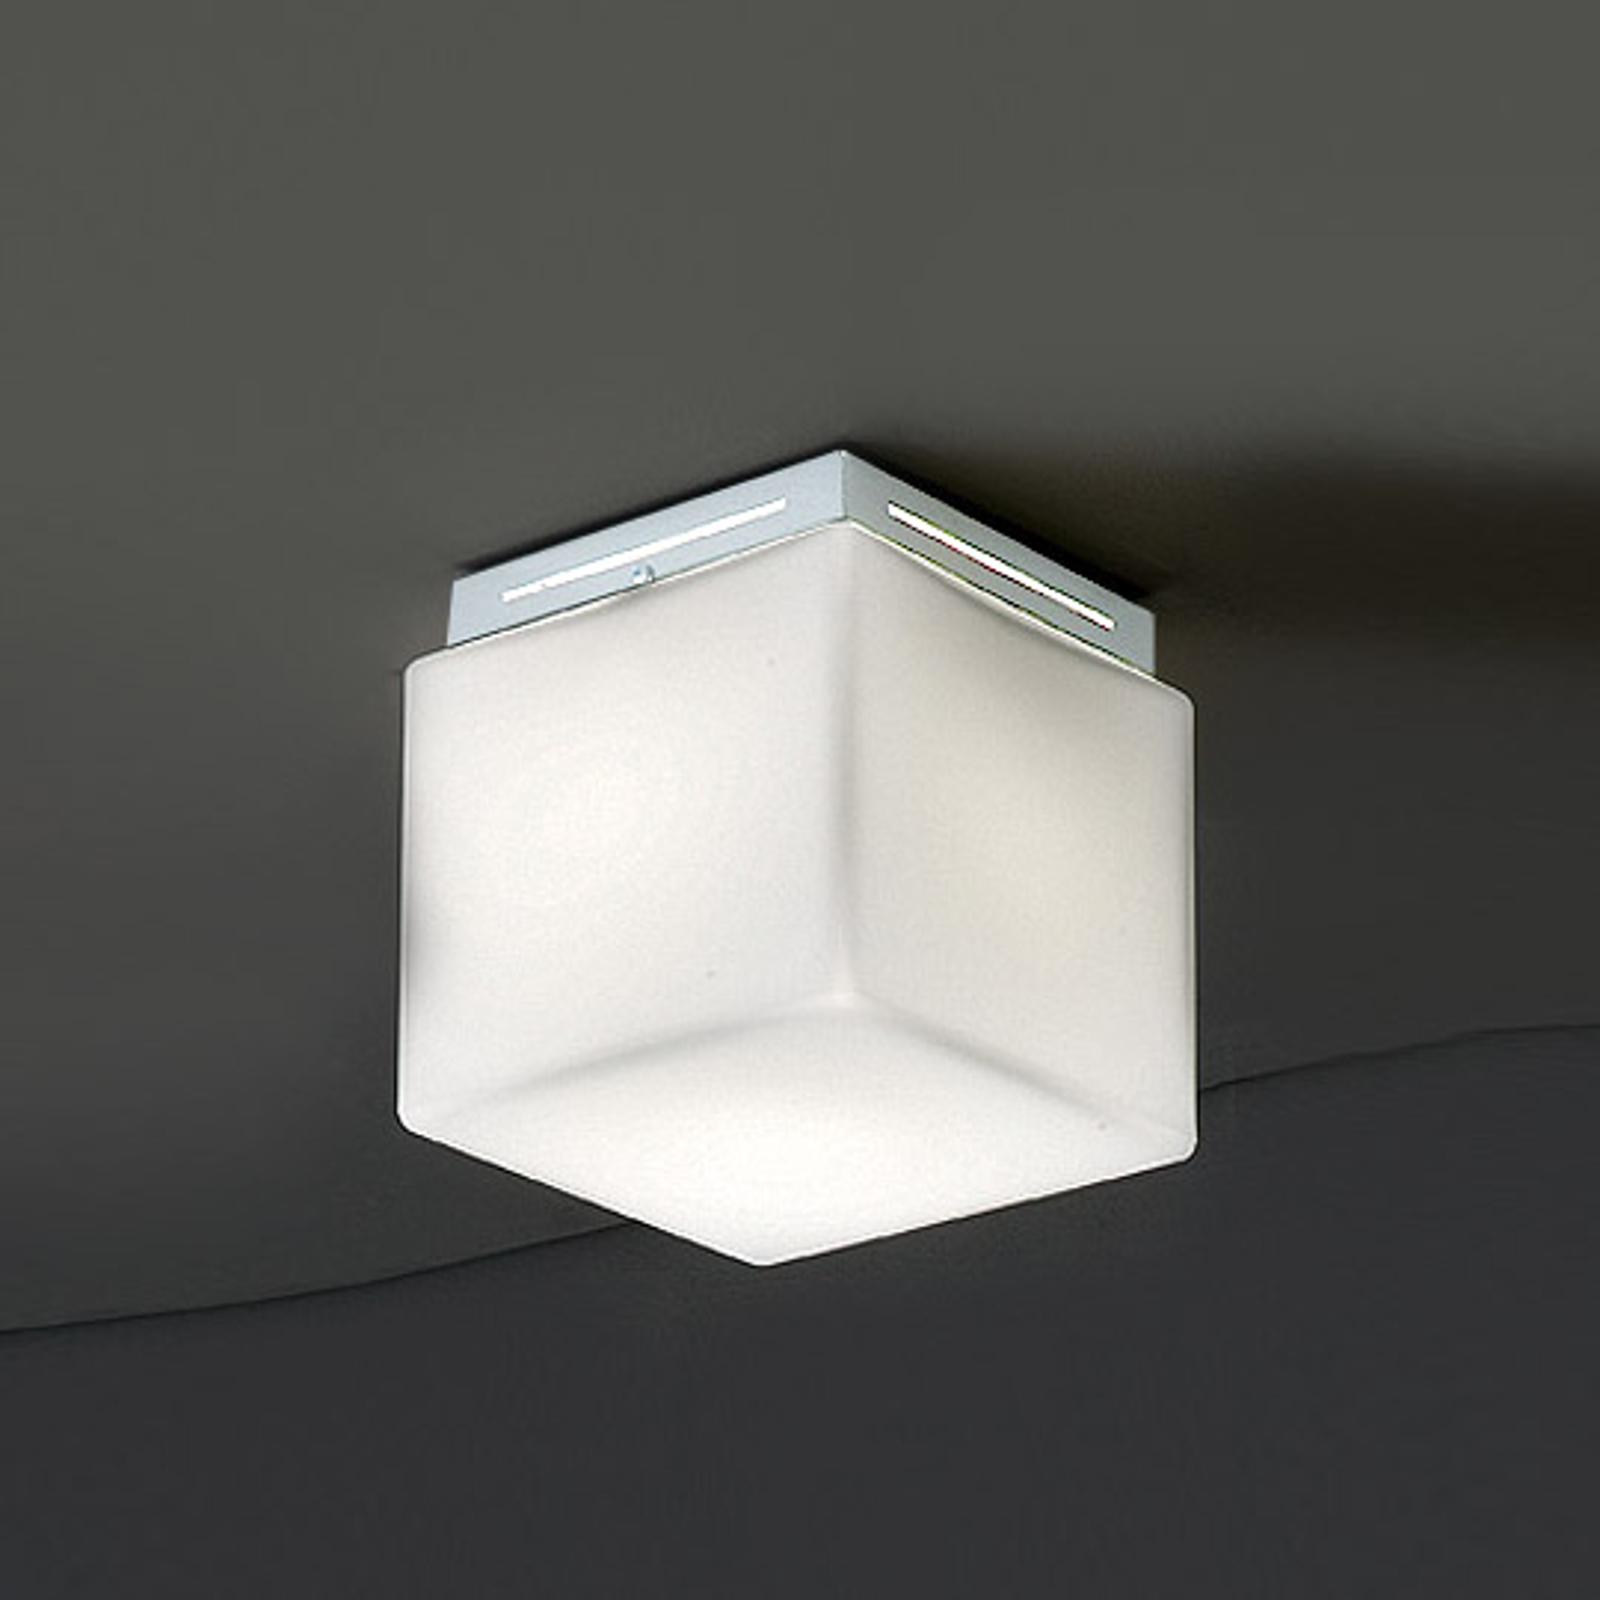 Valkoinen Cubis-kattovalaisin